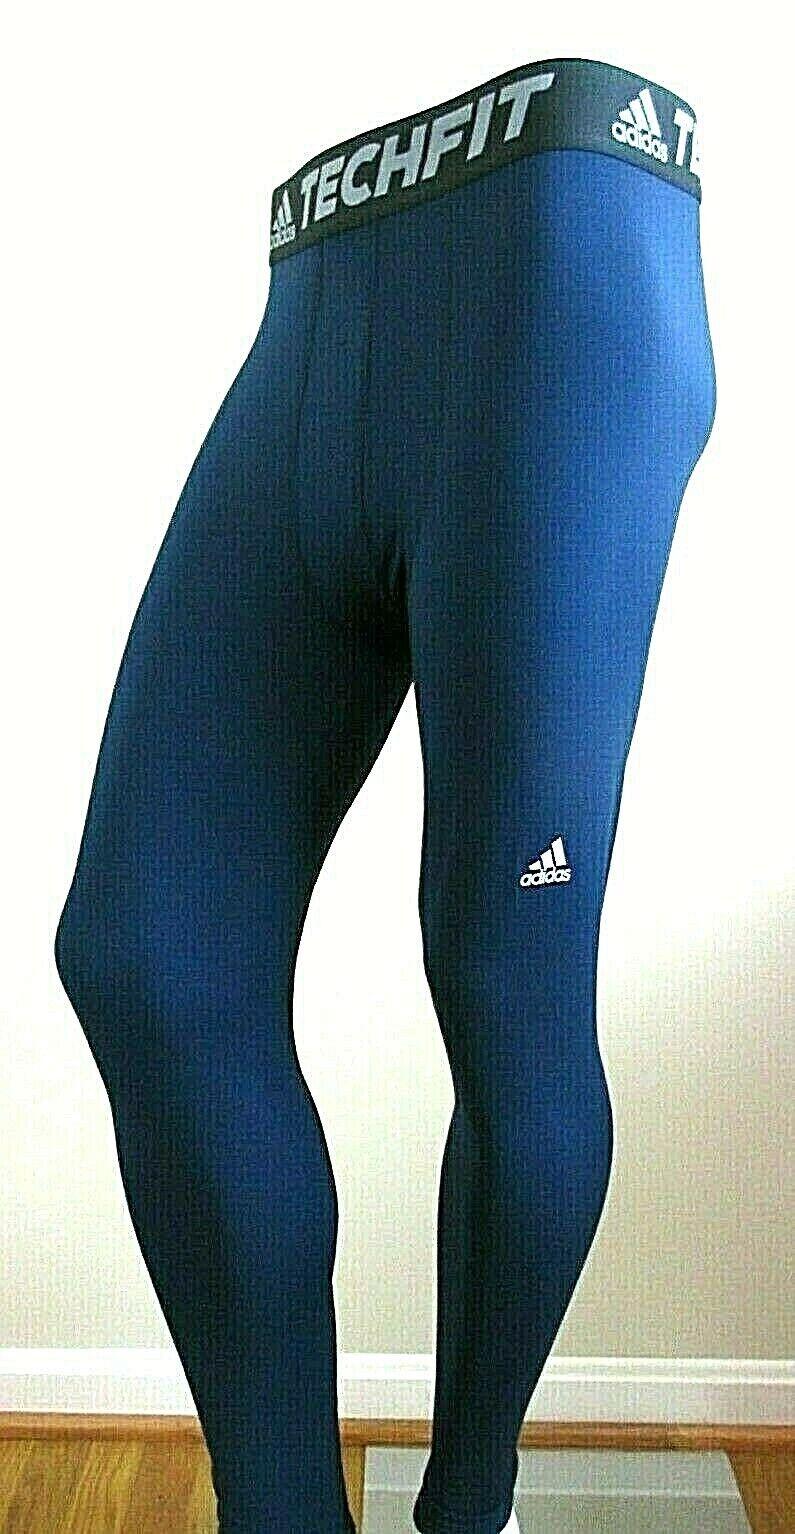 Adidas Mens Techfit Climawarm Full Length Compression Base Layer Tights blueeeeeeeee New